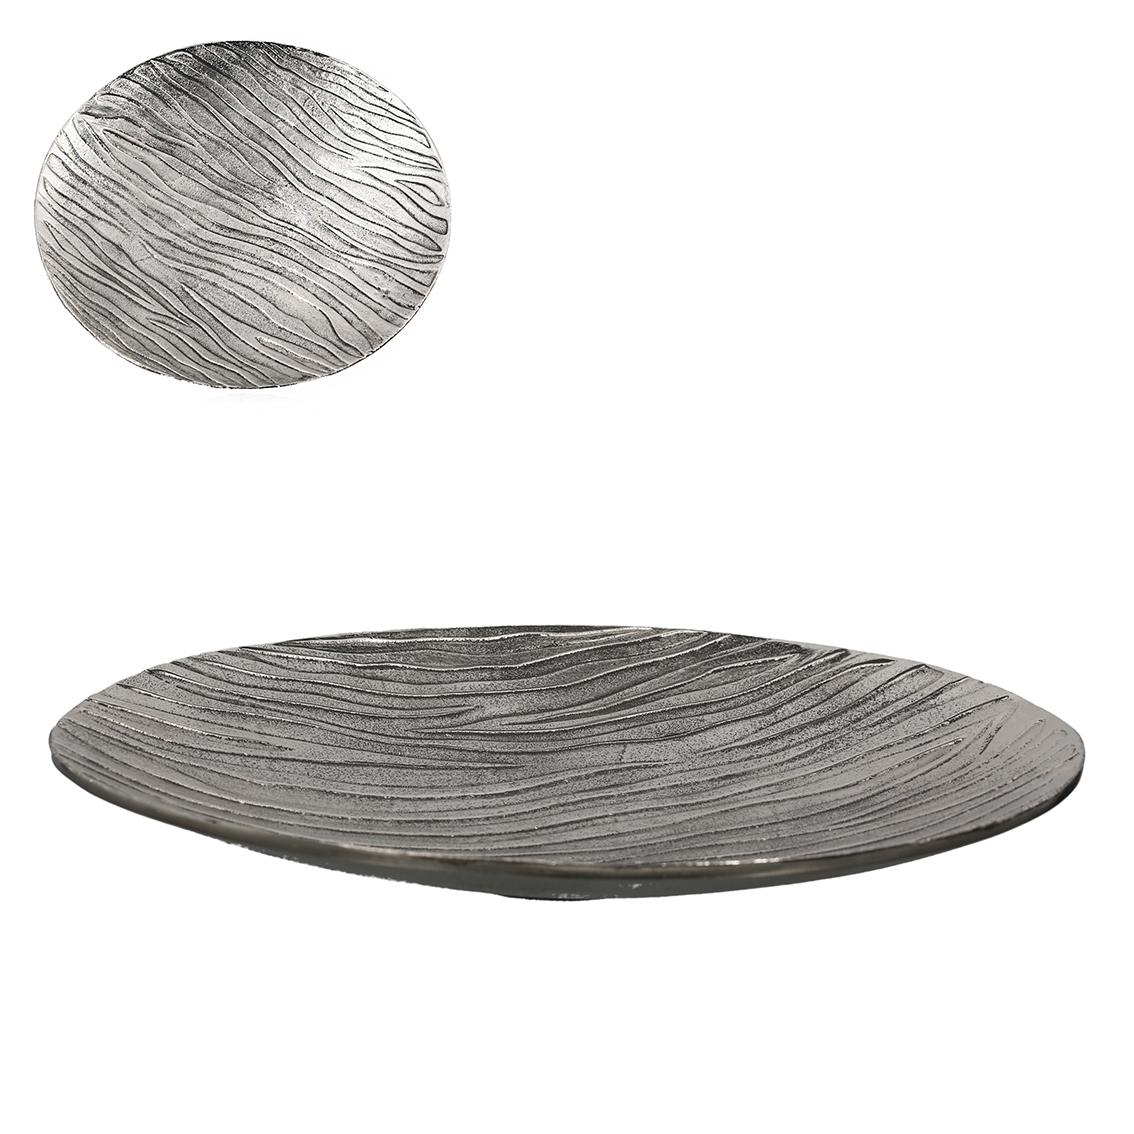 Dekorativní mísa Ross, 45 cm, stříbrná